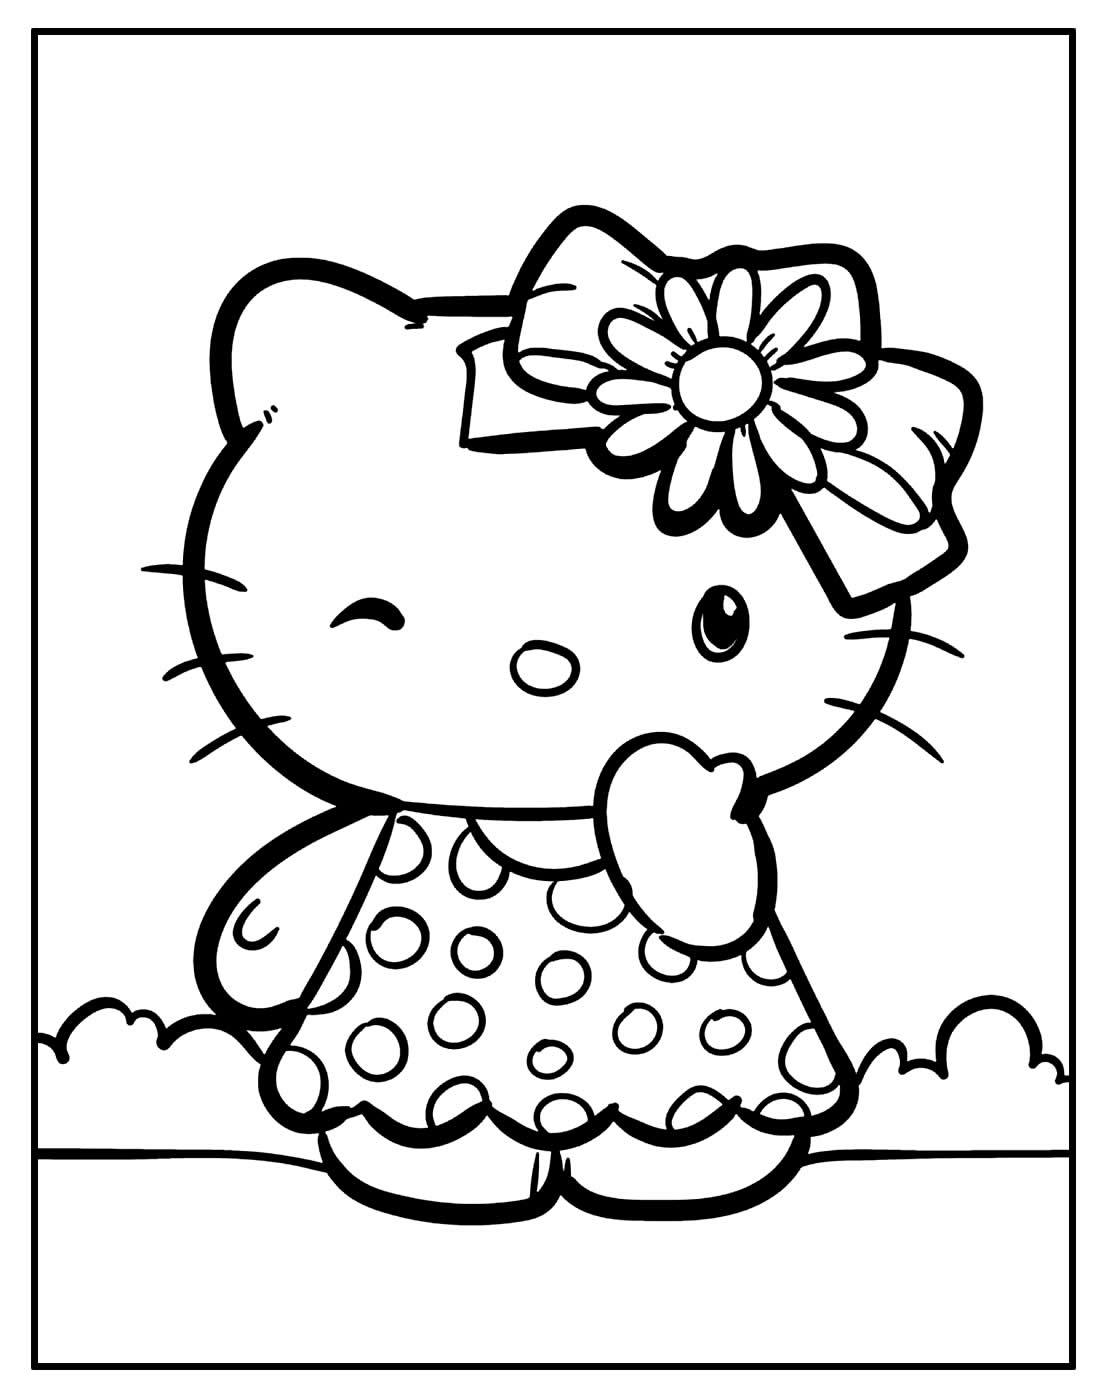 Página para colorir de Hello Kitty